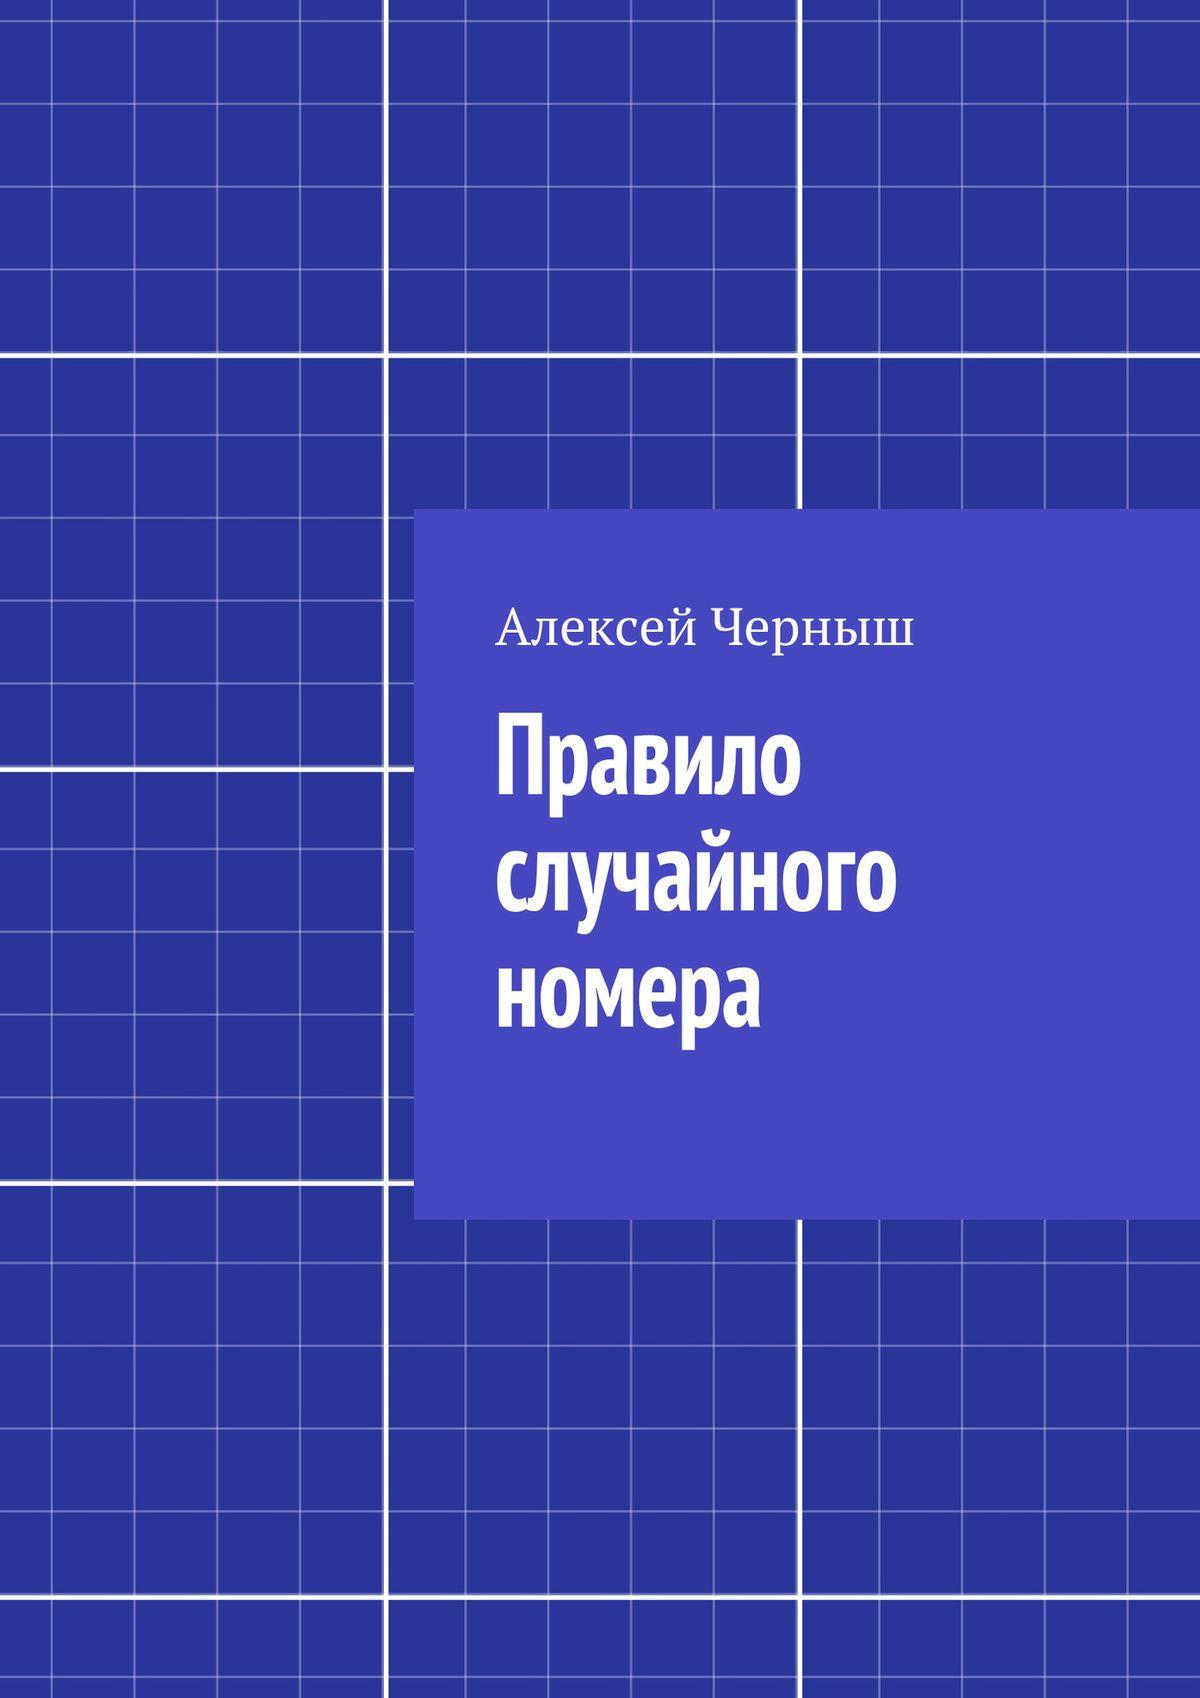 Алексей Черныш Правило случайного номера